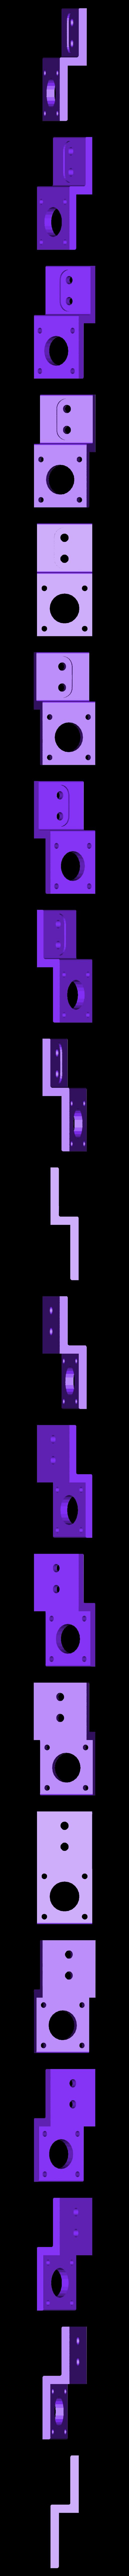 Nema_17_Upside_down_Mount.stl Télécharger fichier STL gratuit Support moteur Nema 17 - Support de montage en bas • Plan pour imprimante 3D, AlbertKhan3D